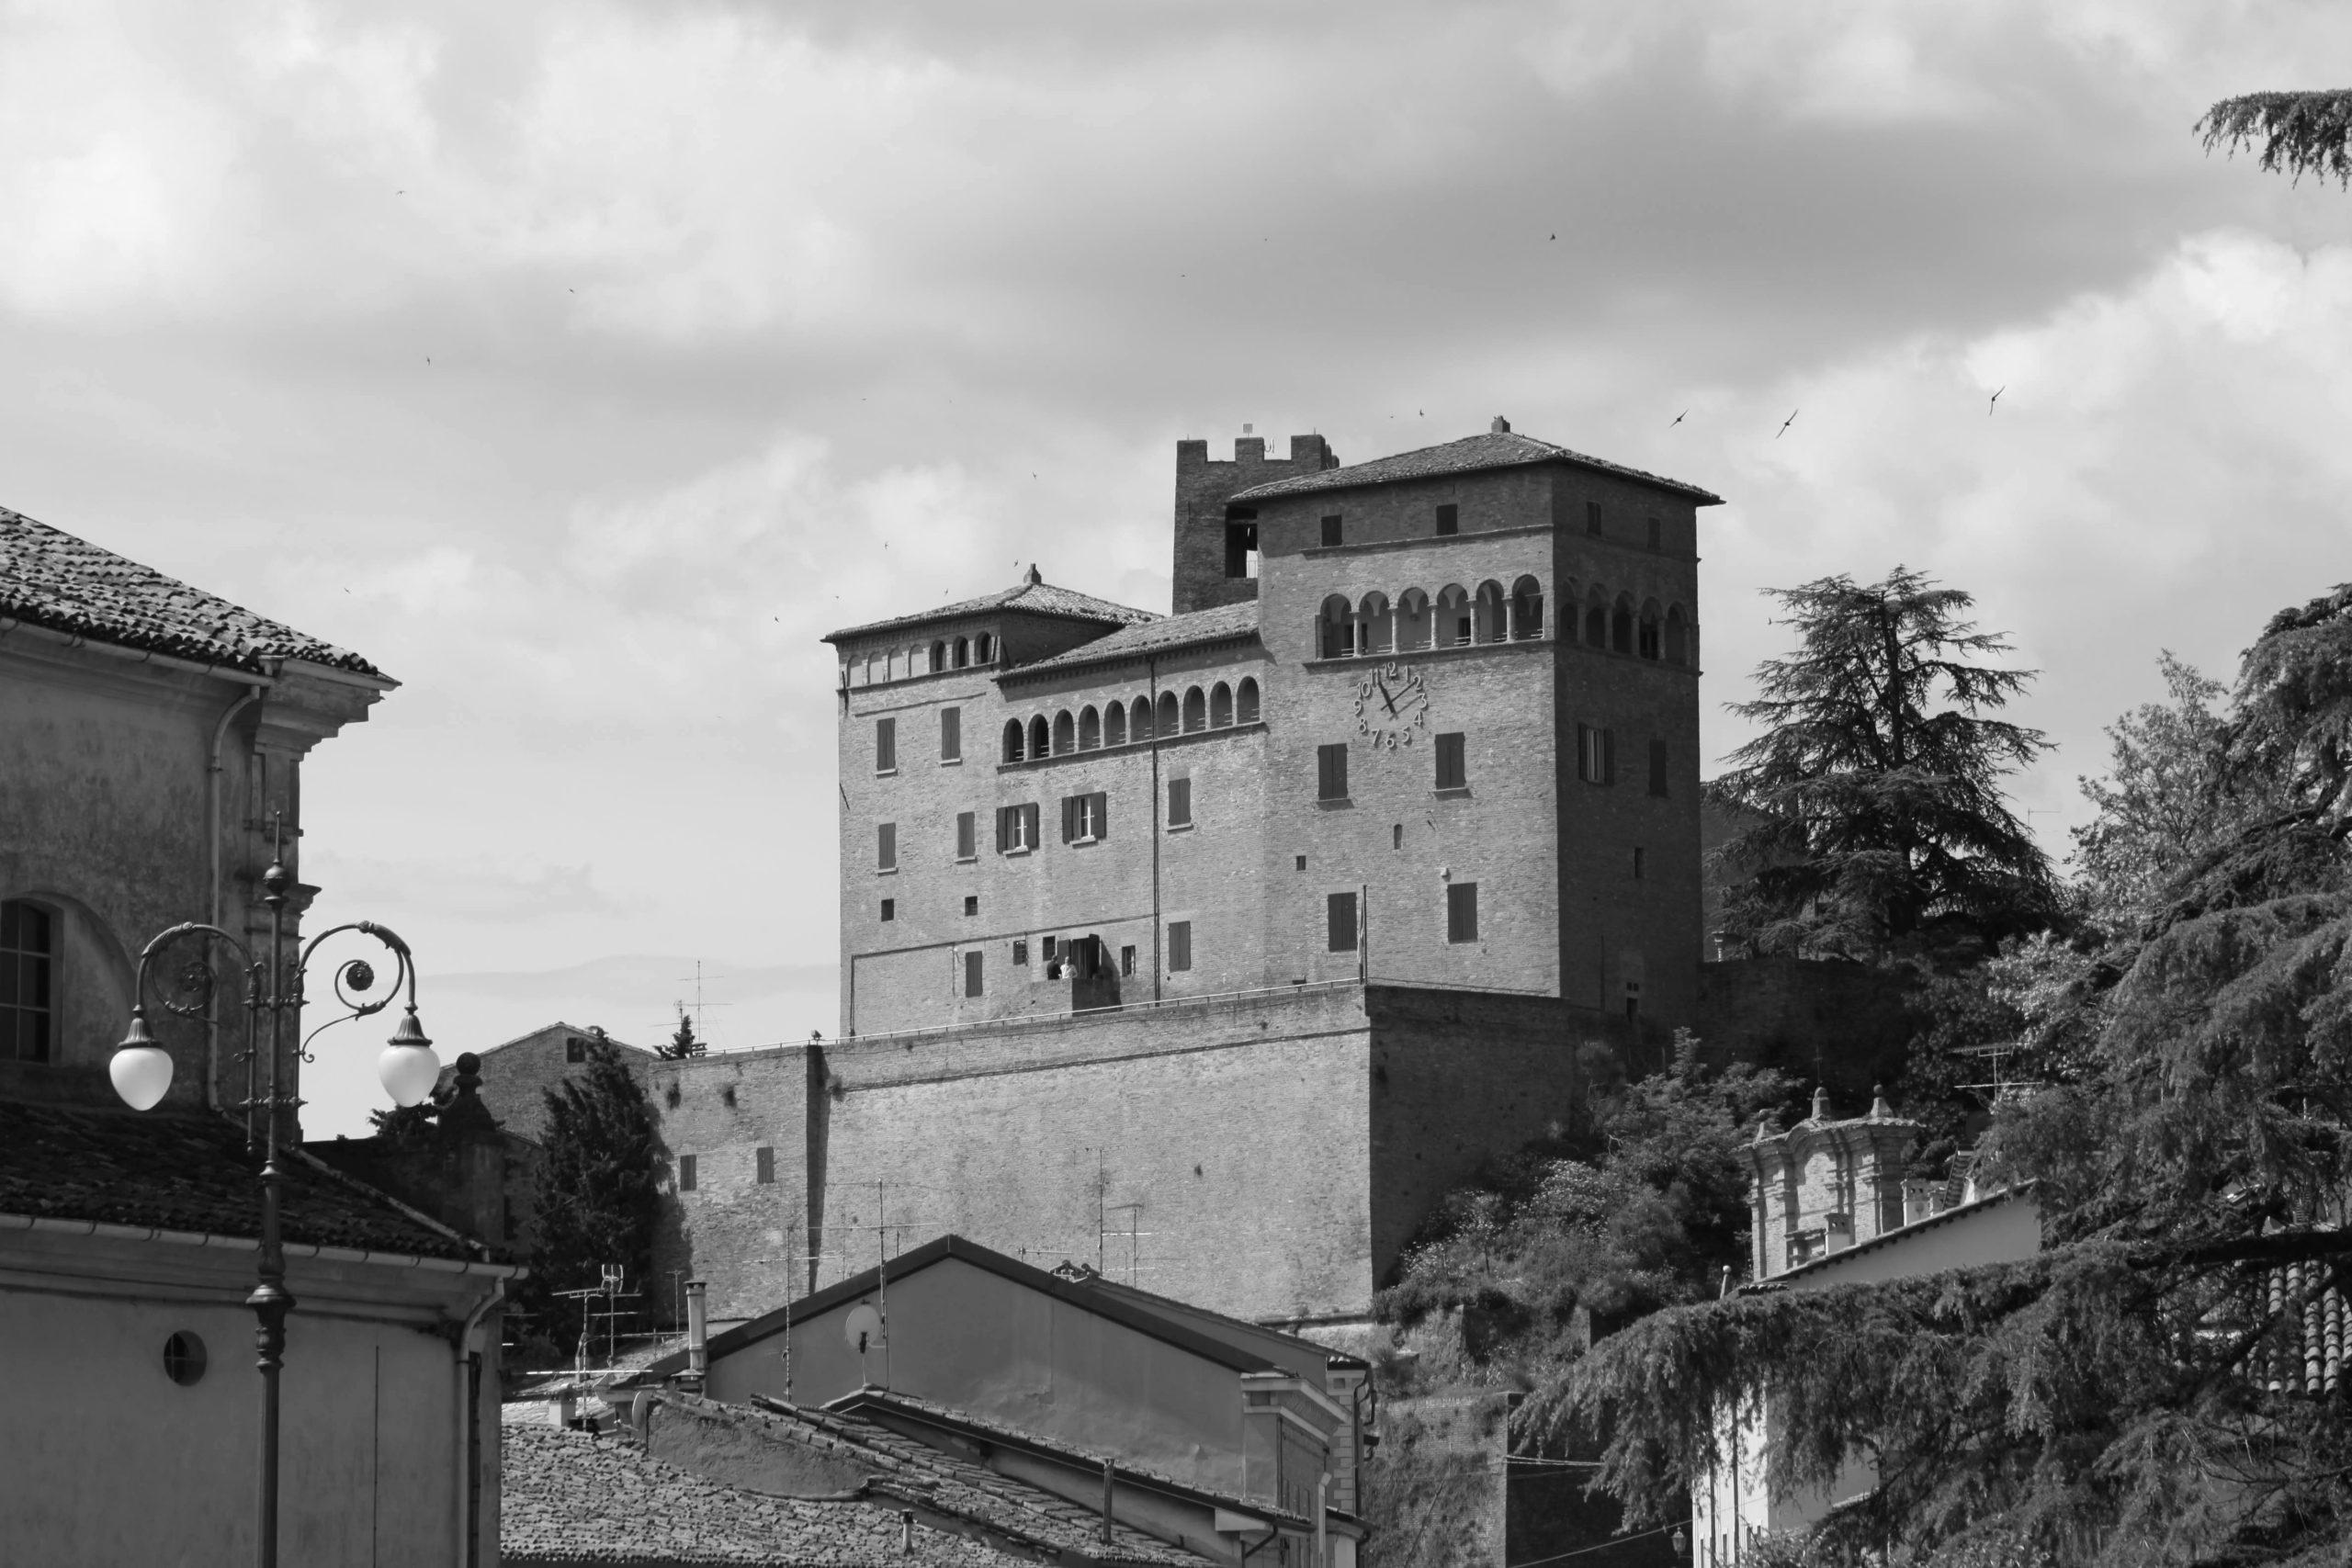 Studio Bacchi Architetti Longiano 1